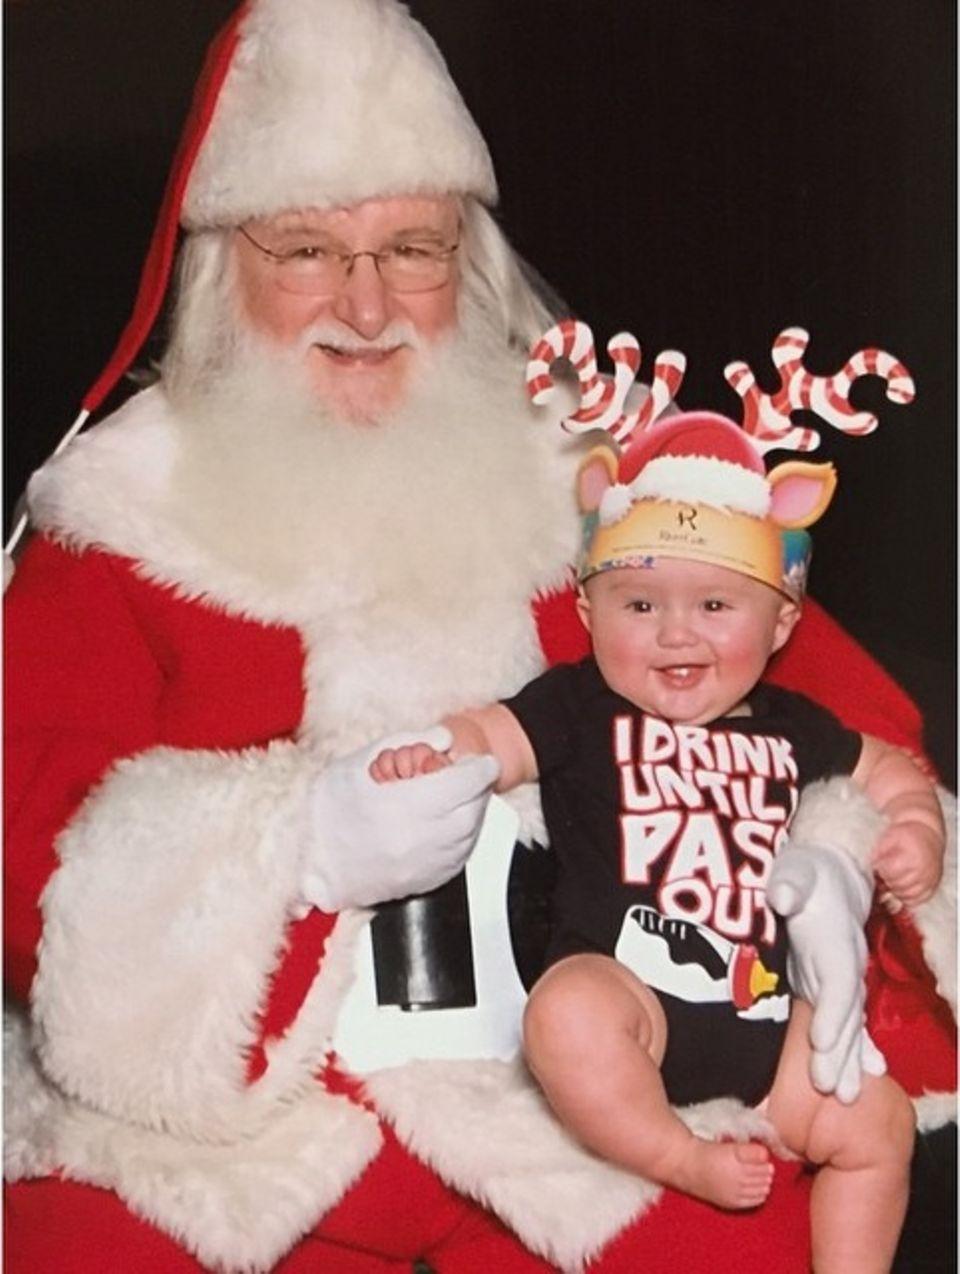 Töchtercher River Rose trifft das erste Mal in ihrem Leben auf den Weihnachtsmann und Mama Kelly Clarkson teilt dieses Foto ganz stolz auf Instagram.